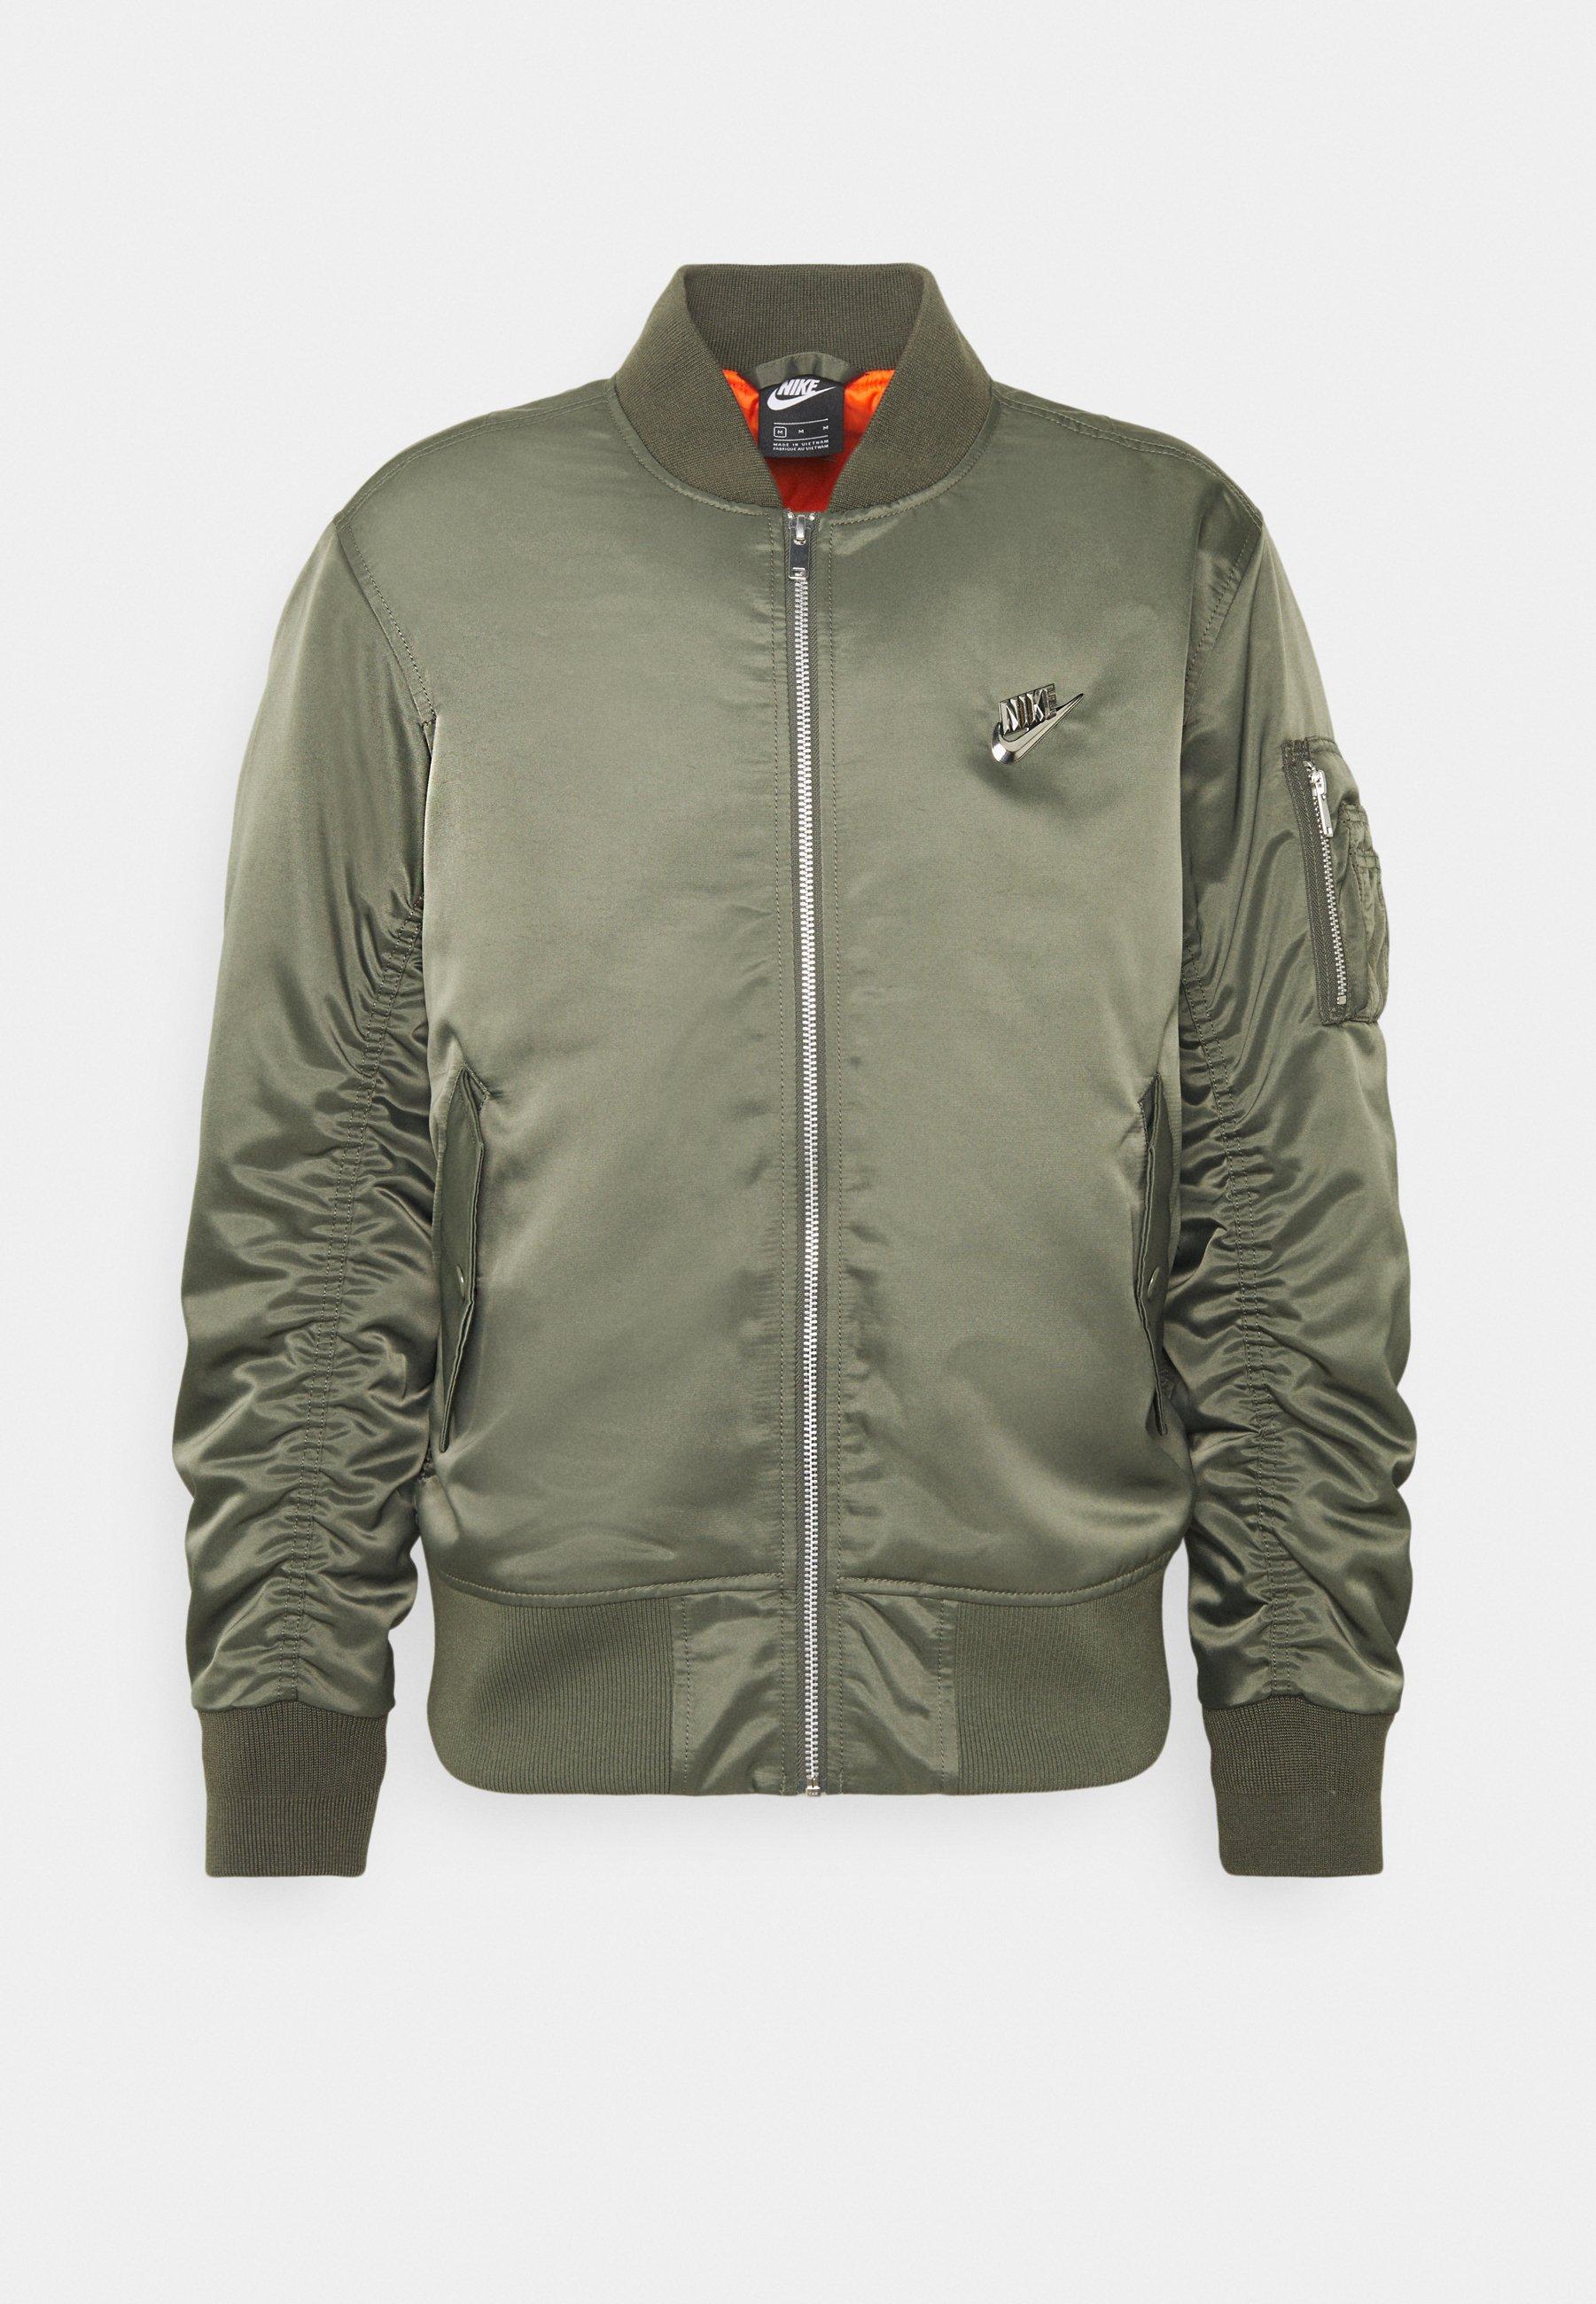 nike bomber jacket